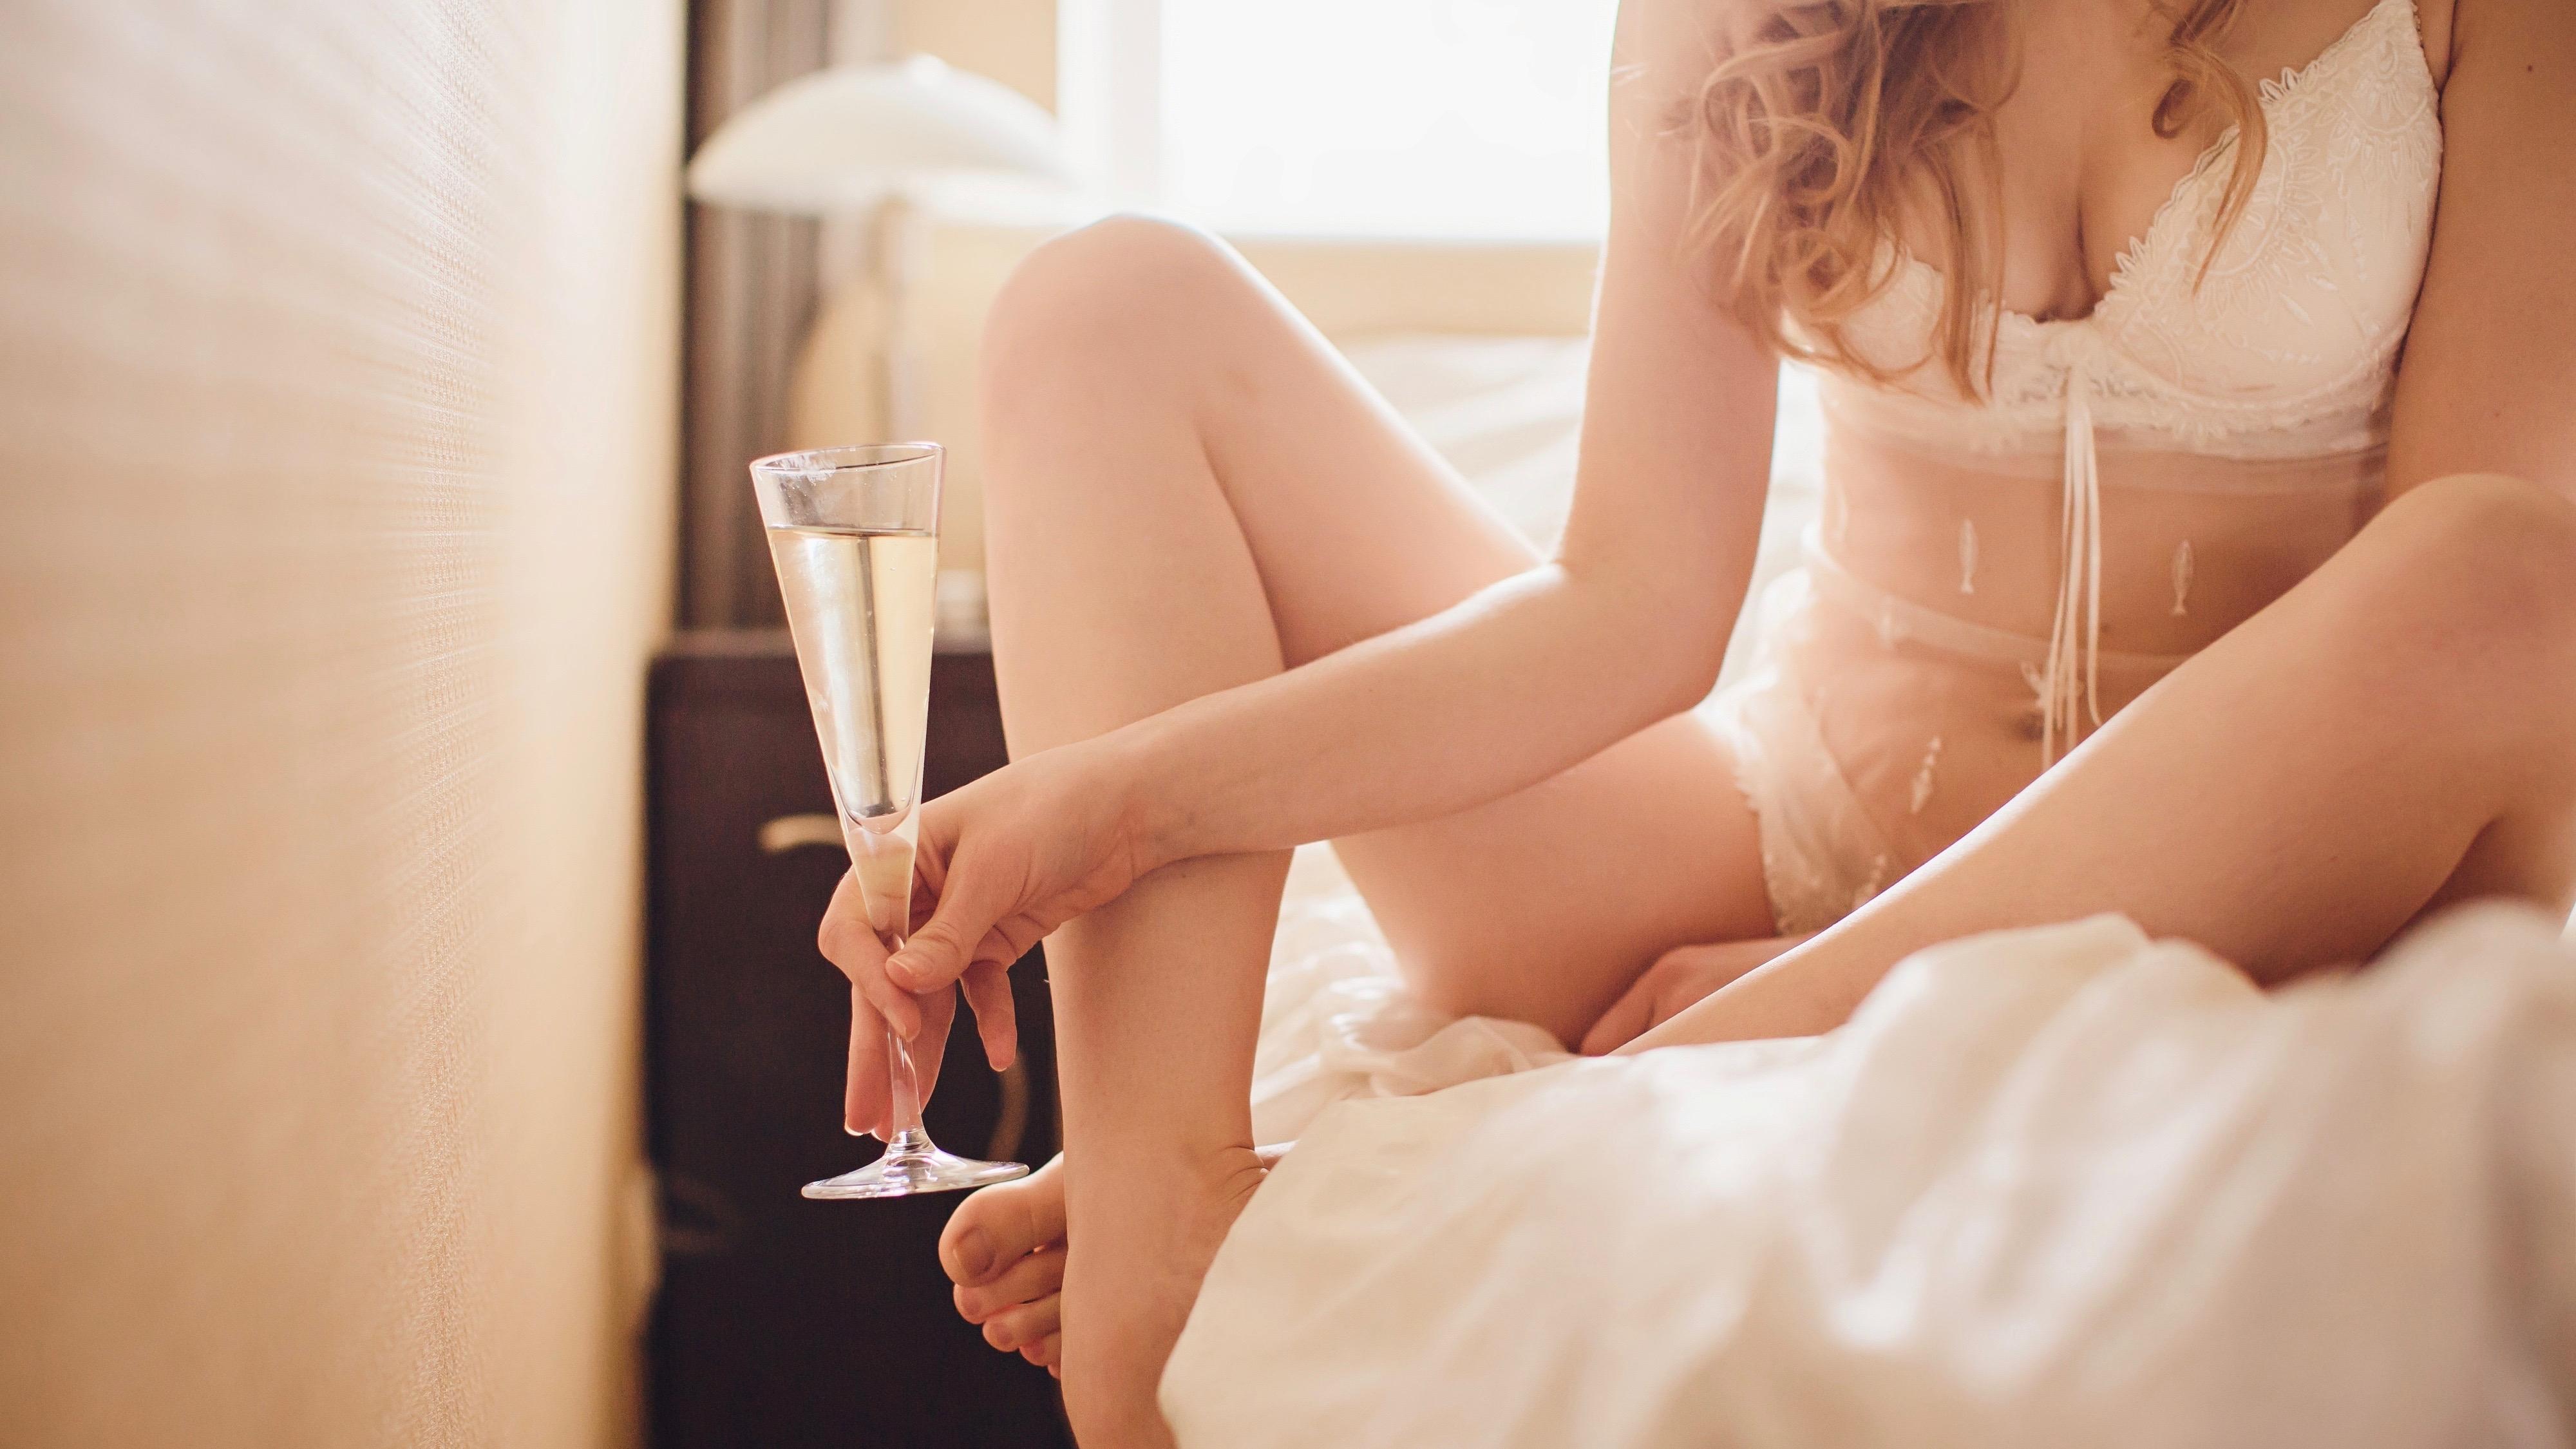 植物療法士の森田敦子さんに聞く「感じるカラダのための膣ケア」①